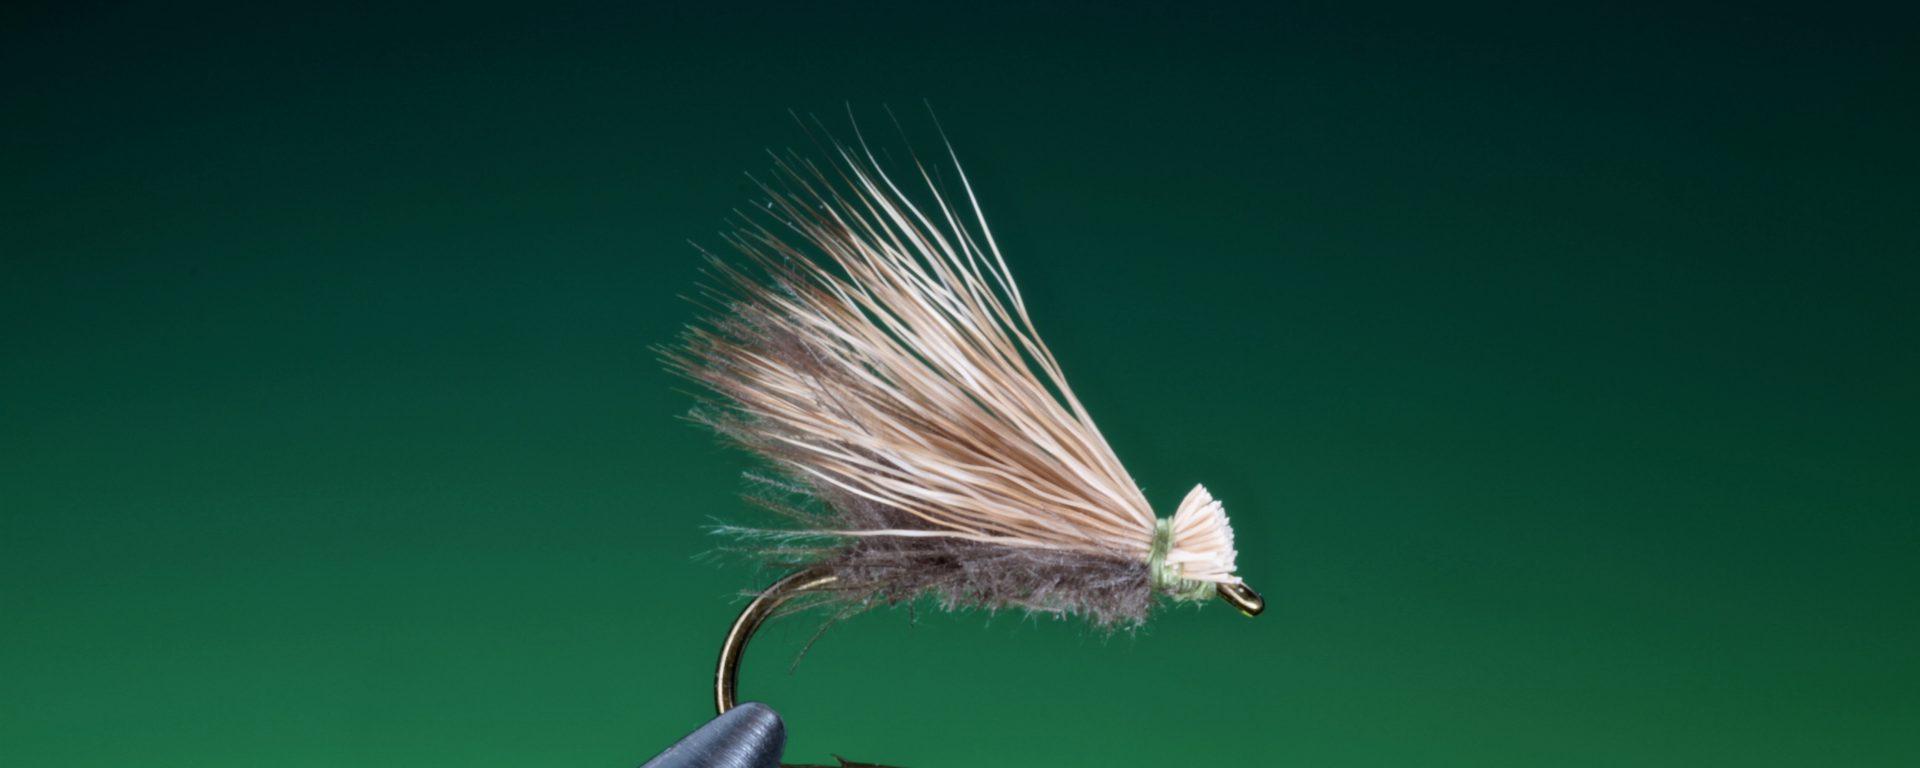 fly tying CDC Elk hair caddis dry fly